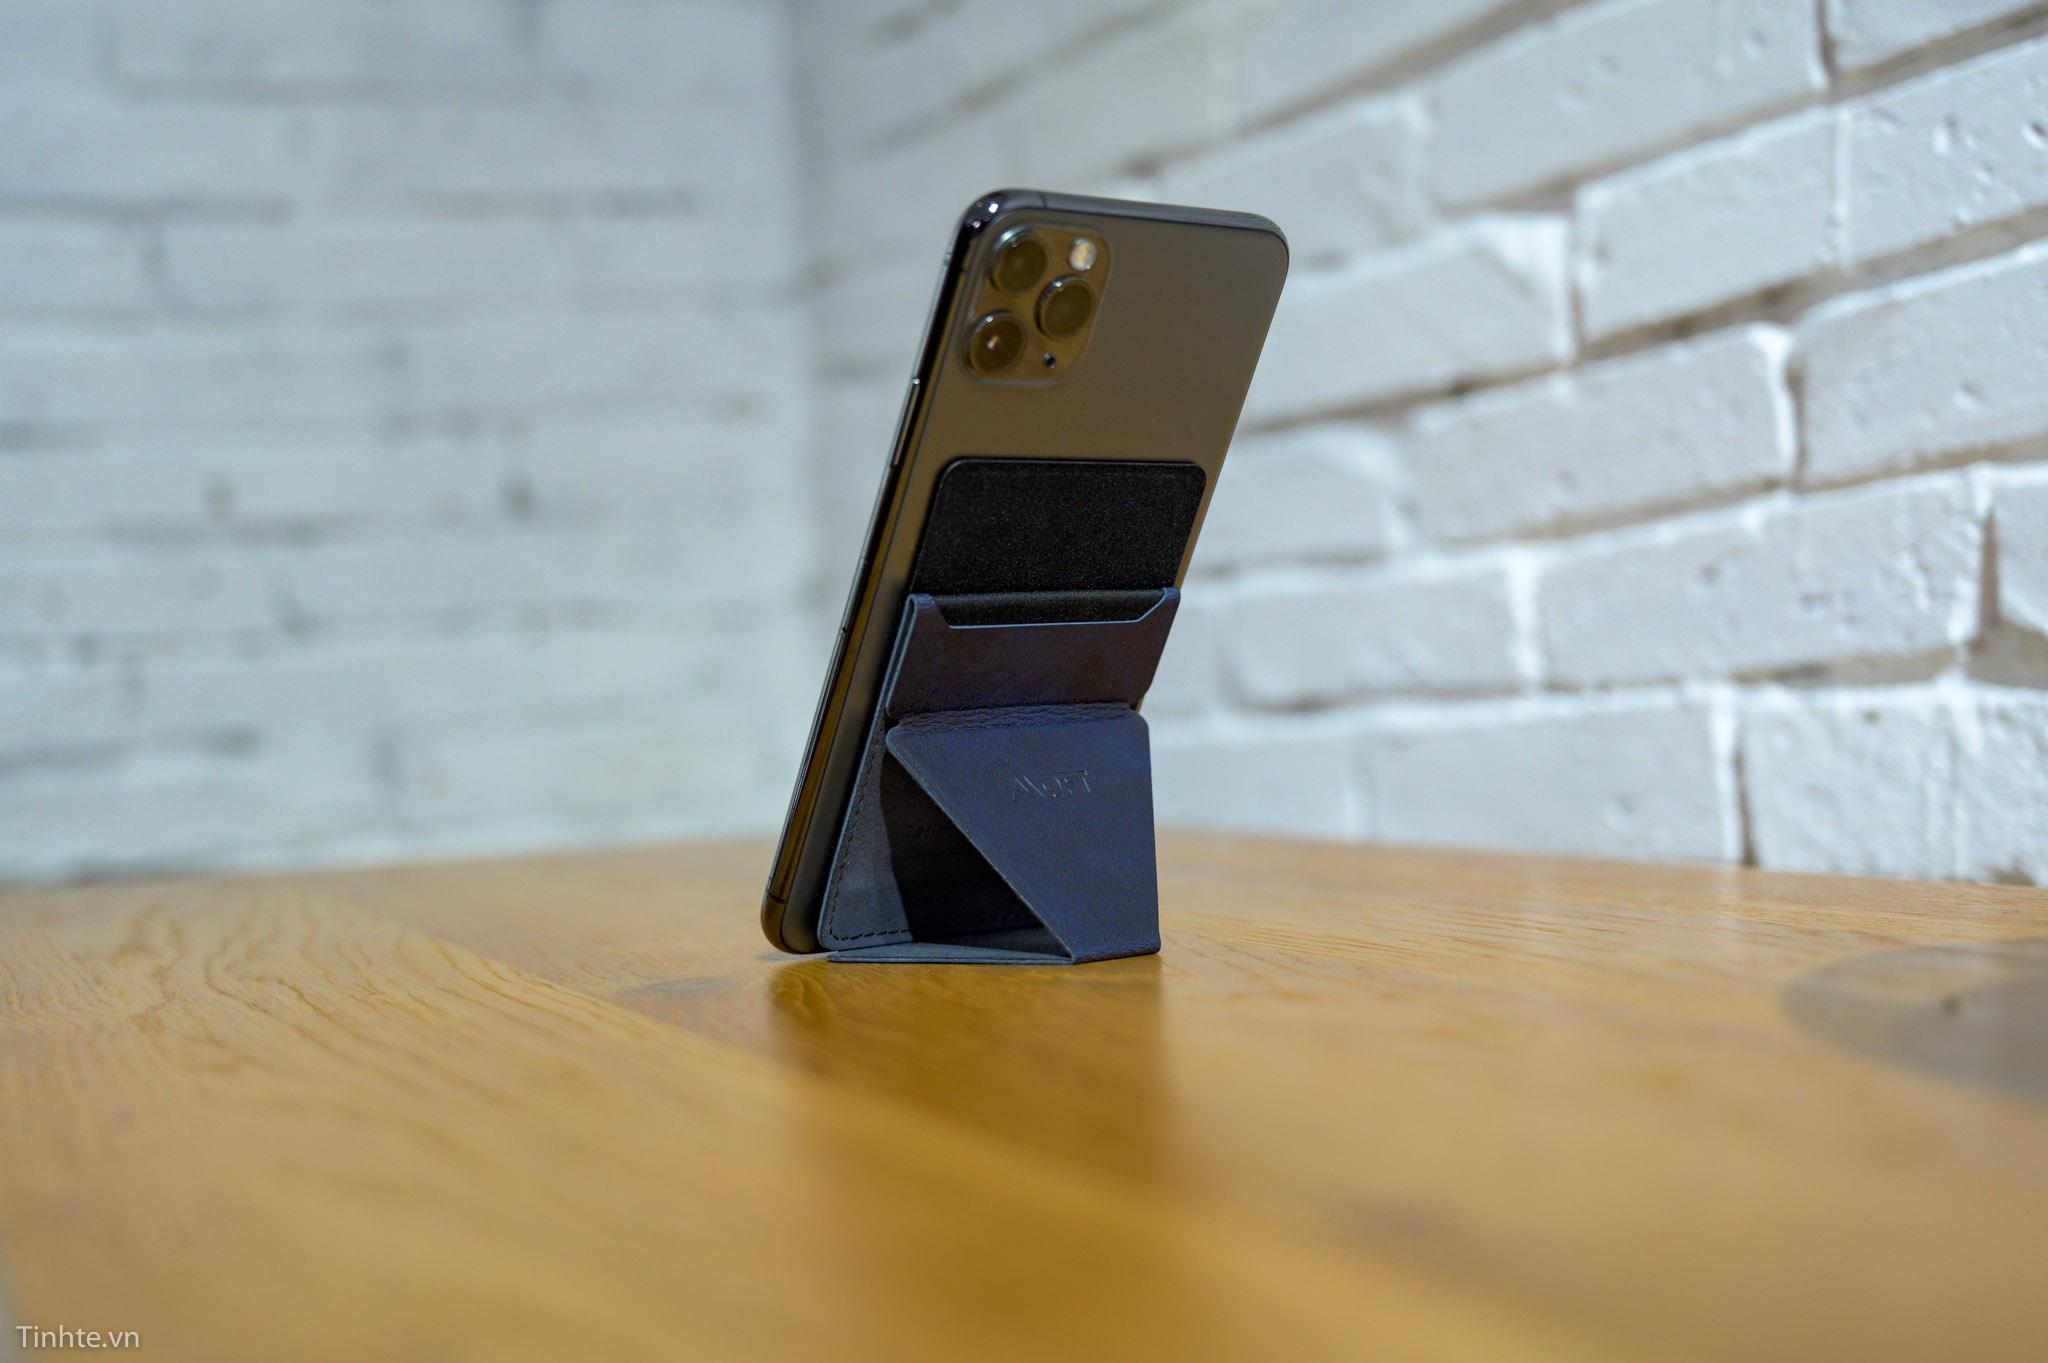 Trên-tay-đế-đỡ-điện-thoại-MOFT--7251.jpg